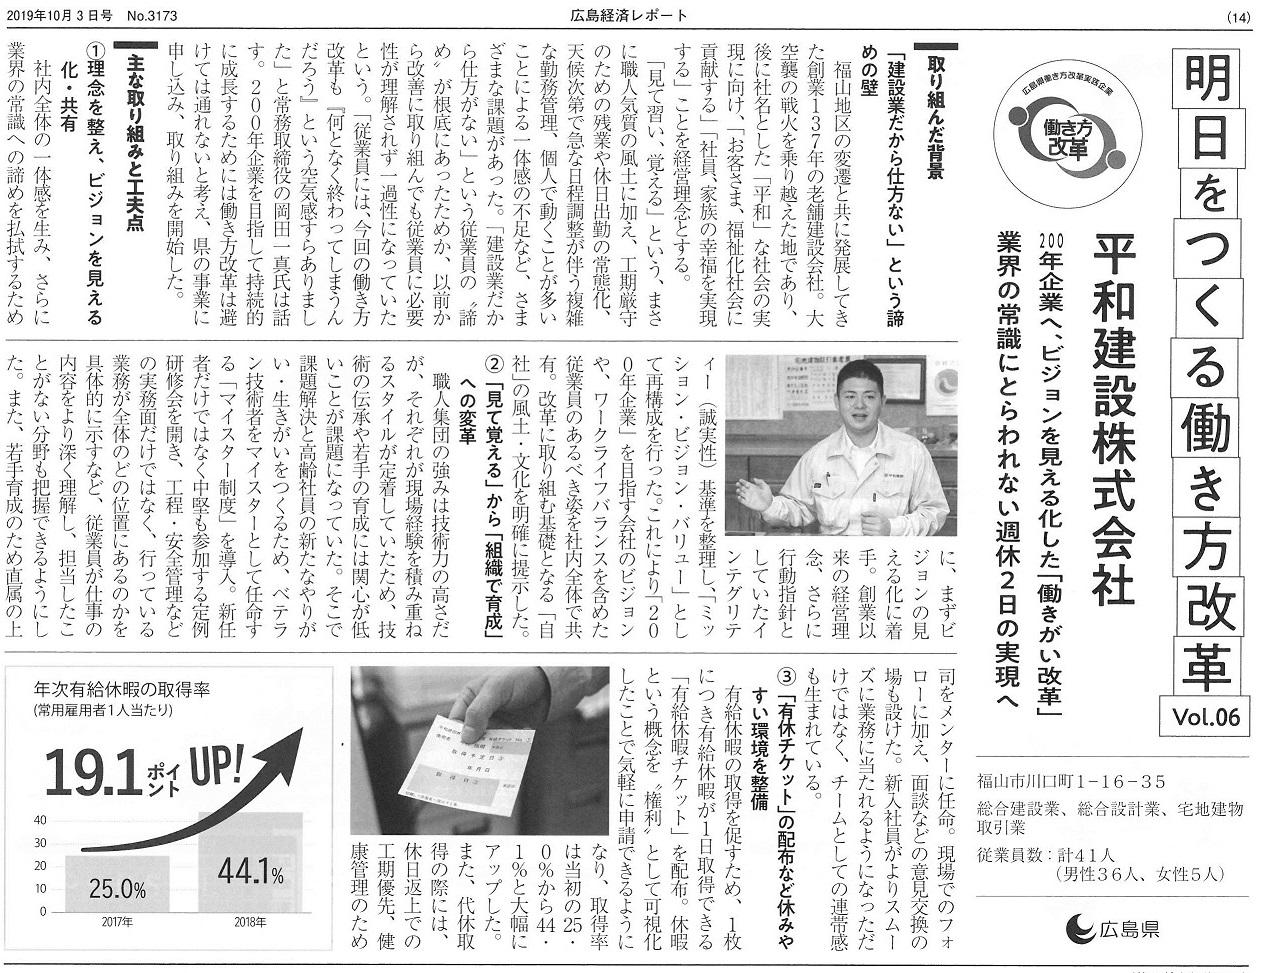 広島経済レポート紙面1